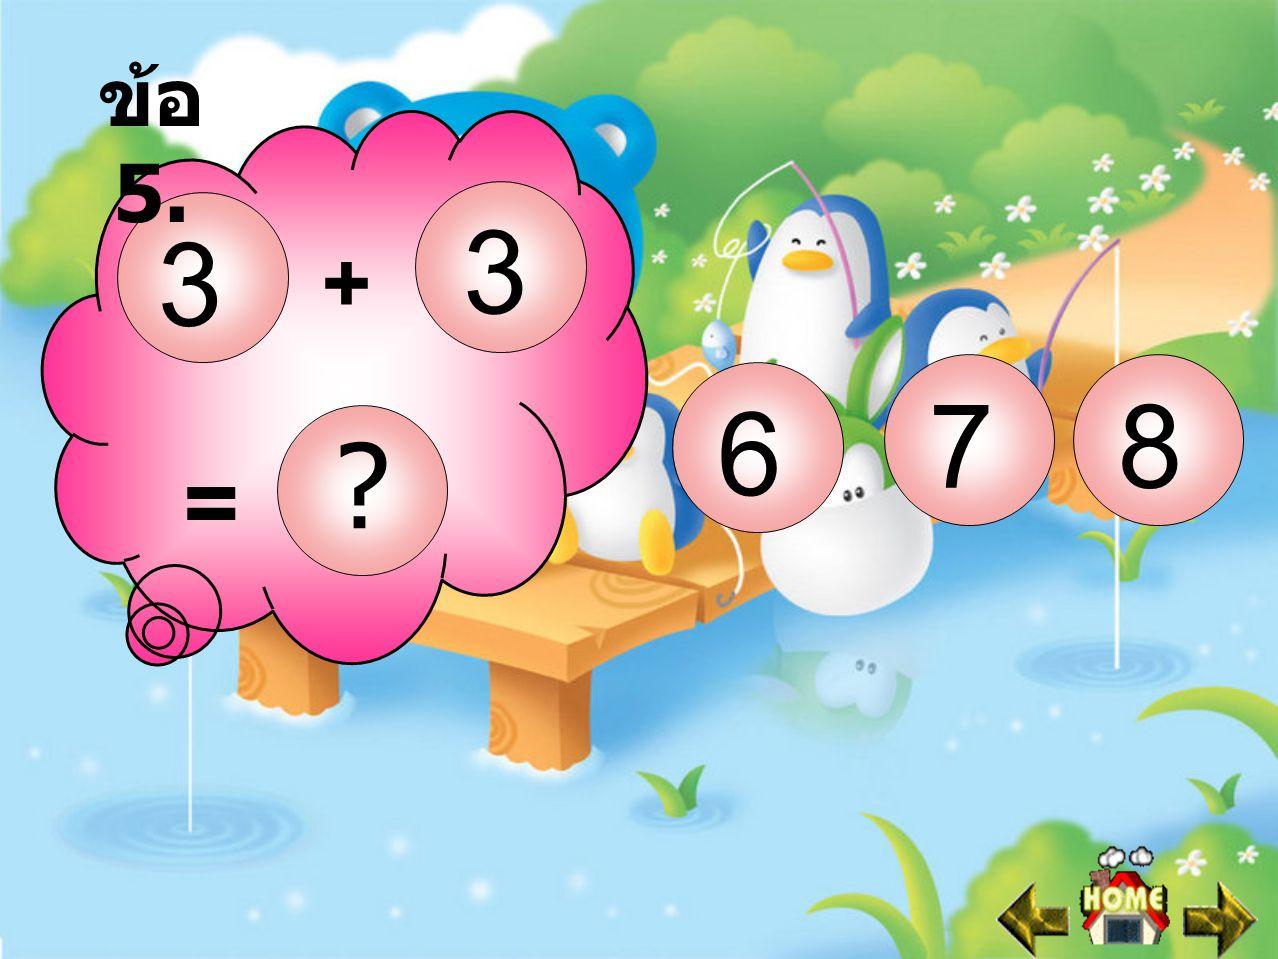 ข้อ 5. 3 3 + 7 8 6 =